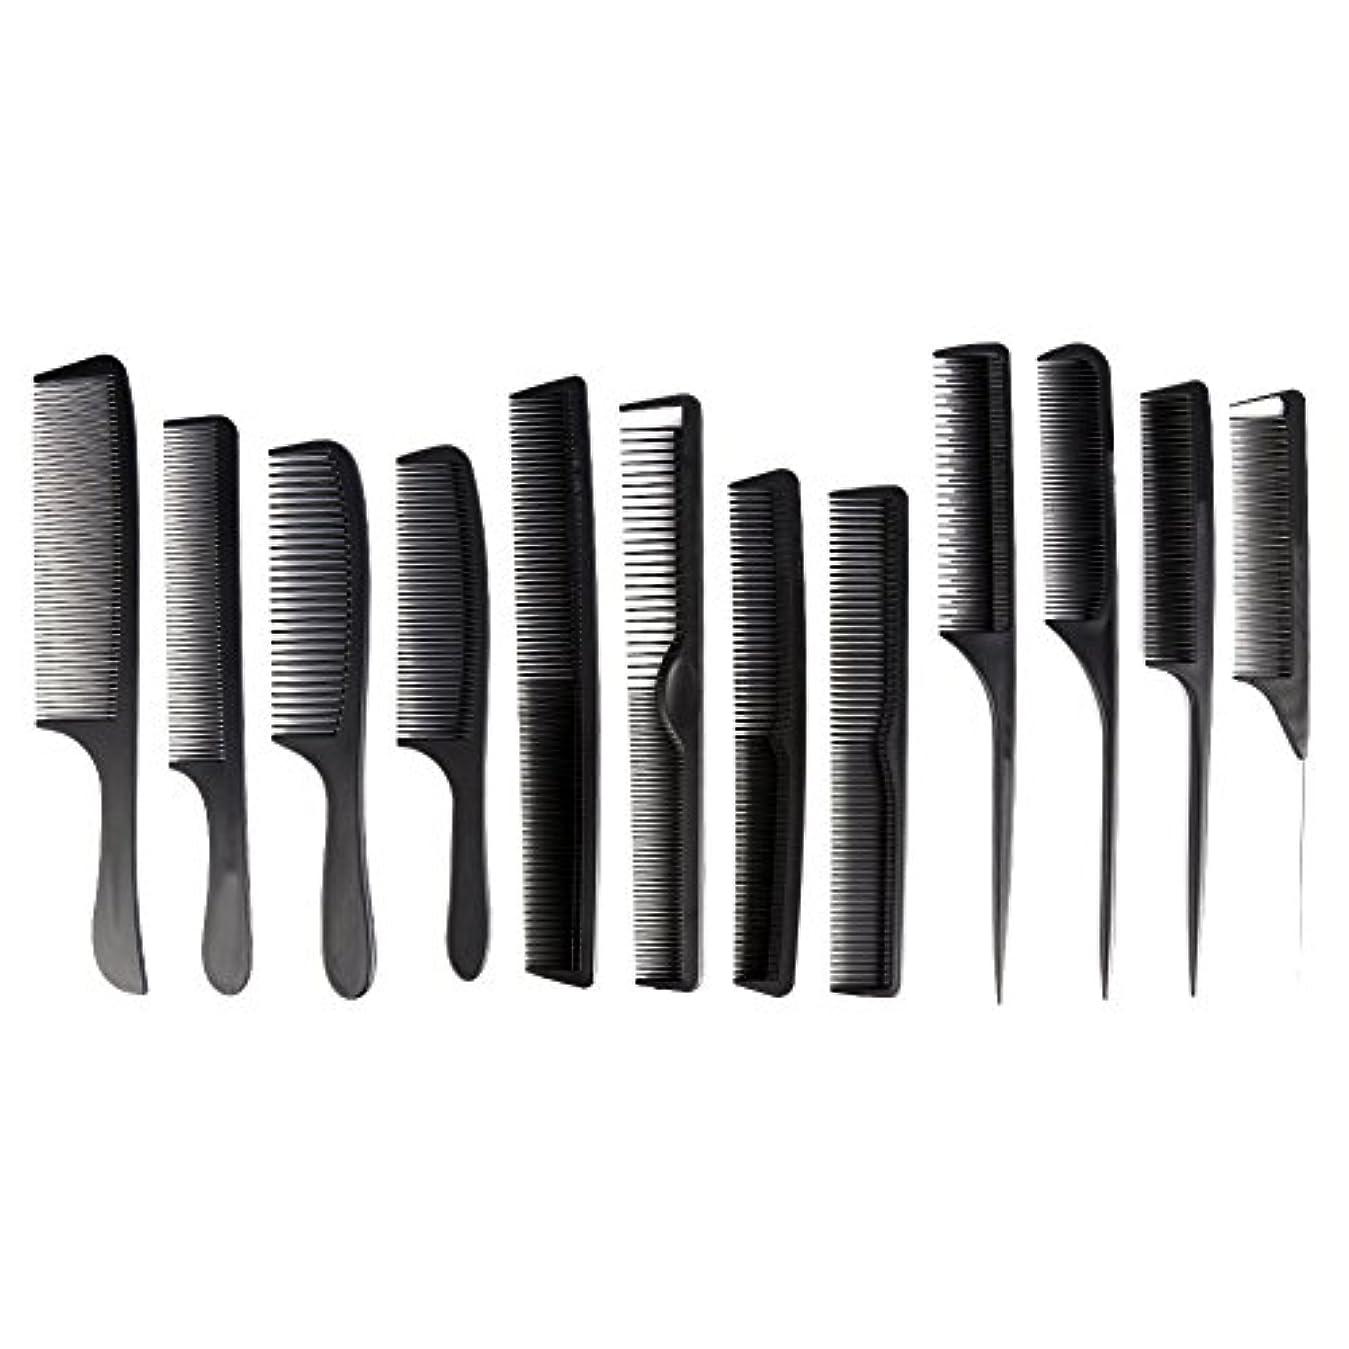 アフリカ人安心させるアンデス山脈カットコーム 散髪用コーム コームセット12点セット プロ用ヘアコーム  静電気減少 軽量 サロン/美容室/床屋など適用